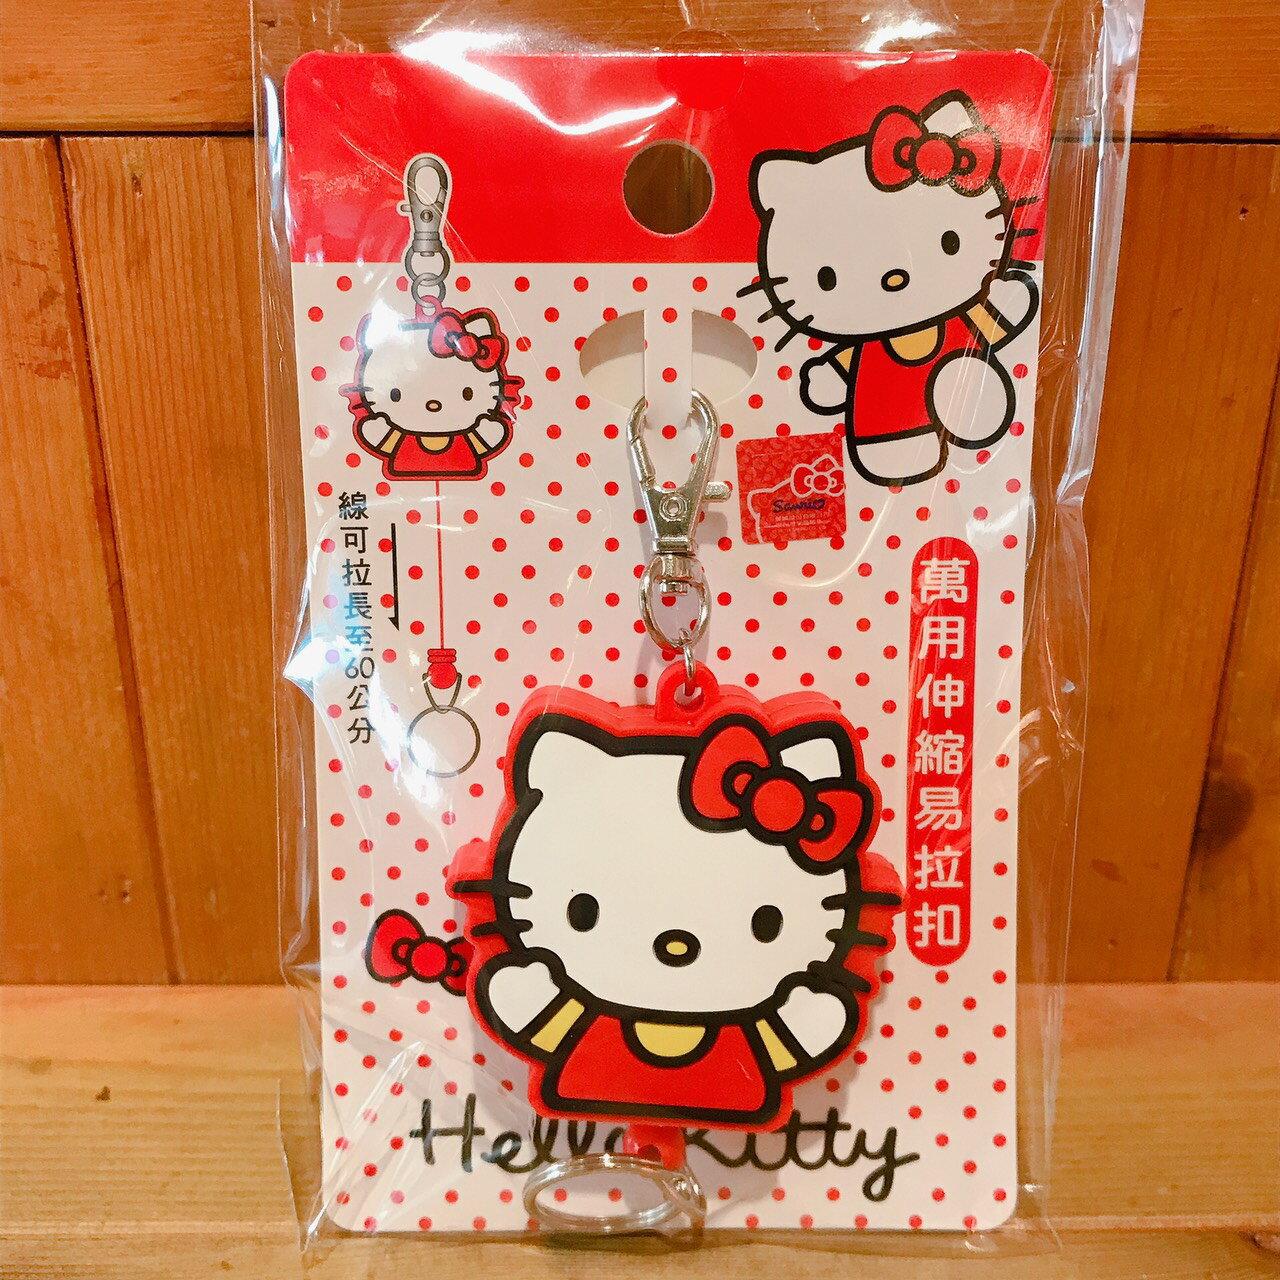 【真愛日本】萬用 伸縮 易拉扣 凱蒂貓kitty 張手紅 鑰匙圈 吊飾 包包配件 療育小物 女生配件 20040900001